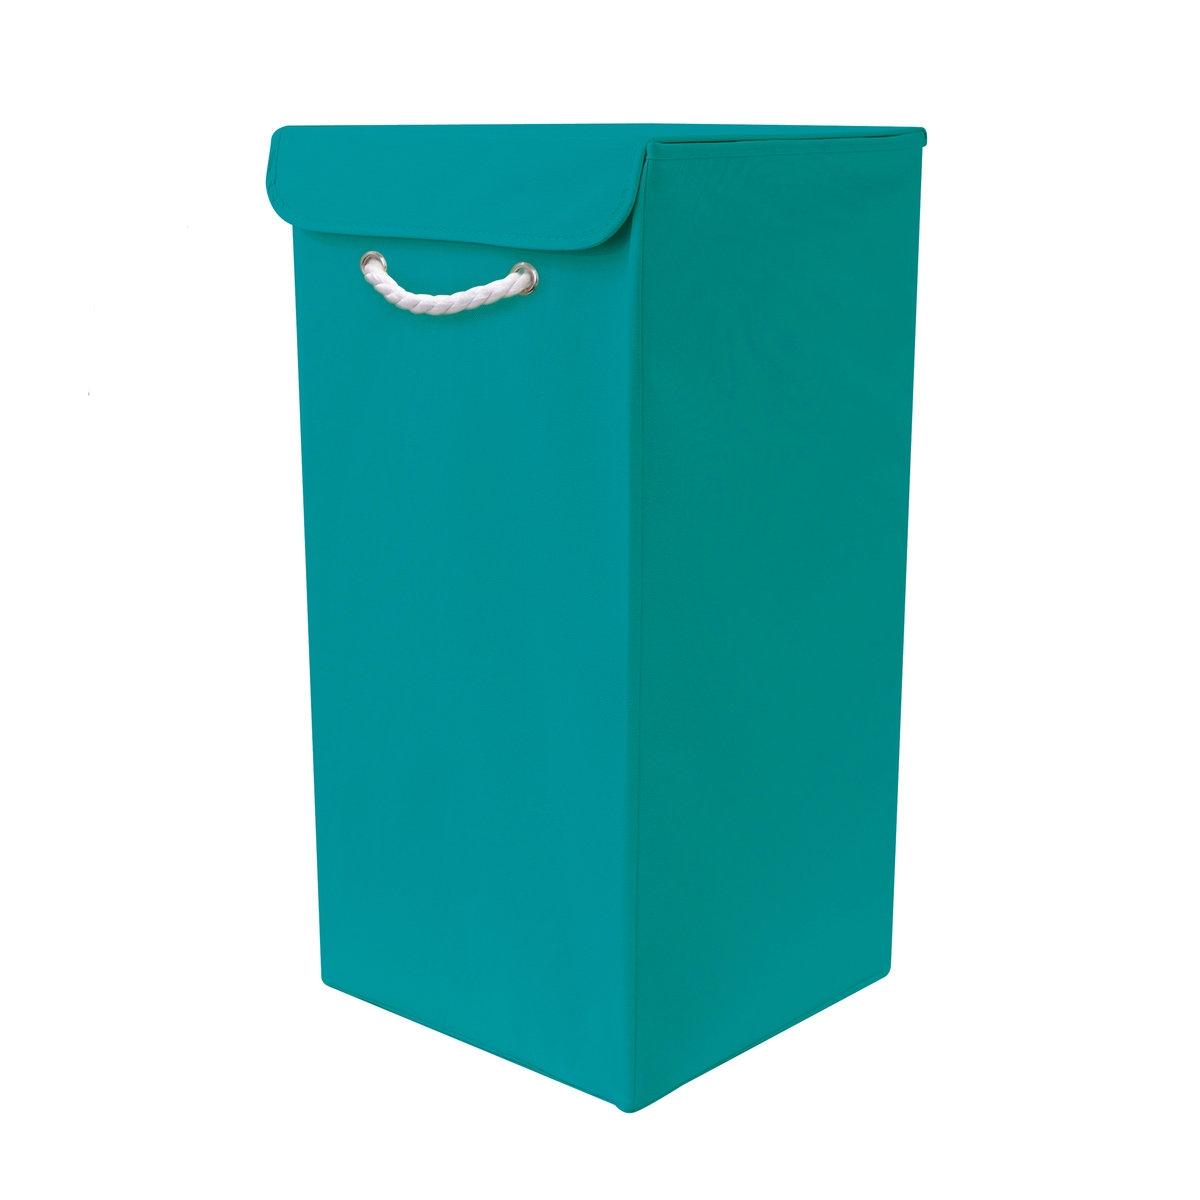 Складная корзина для белья DeniseХотите добавить ярких цветов в Вашу ванную комнату? Корзина для белья Denise разнообразит интерьер и создаст хорошее настроение! Практичное решение: если корзина не используется, ее можно сложить!Характеристики корзины Denise:каркас из картона (толщ.. 1,8 мм).Нетканое покрытие, 80 г/м2.Жесткое модульное дно.Описание корзины Denise:1 ручка из плетеного хлопчатобумажного волокна спереди.Крышка открывается сверху и закрывается на липучки.Складная конструкция.Найдите коллекцию Denise нашем сайте laredoute.ru.Размеры корзины Denise:Ш.30 x В.60 x Г.30 см.<br><br>Цвет: бирюзовый,зеленый анис